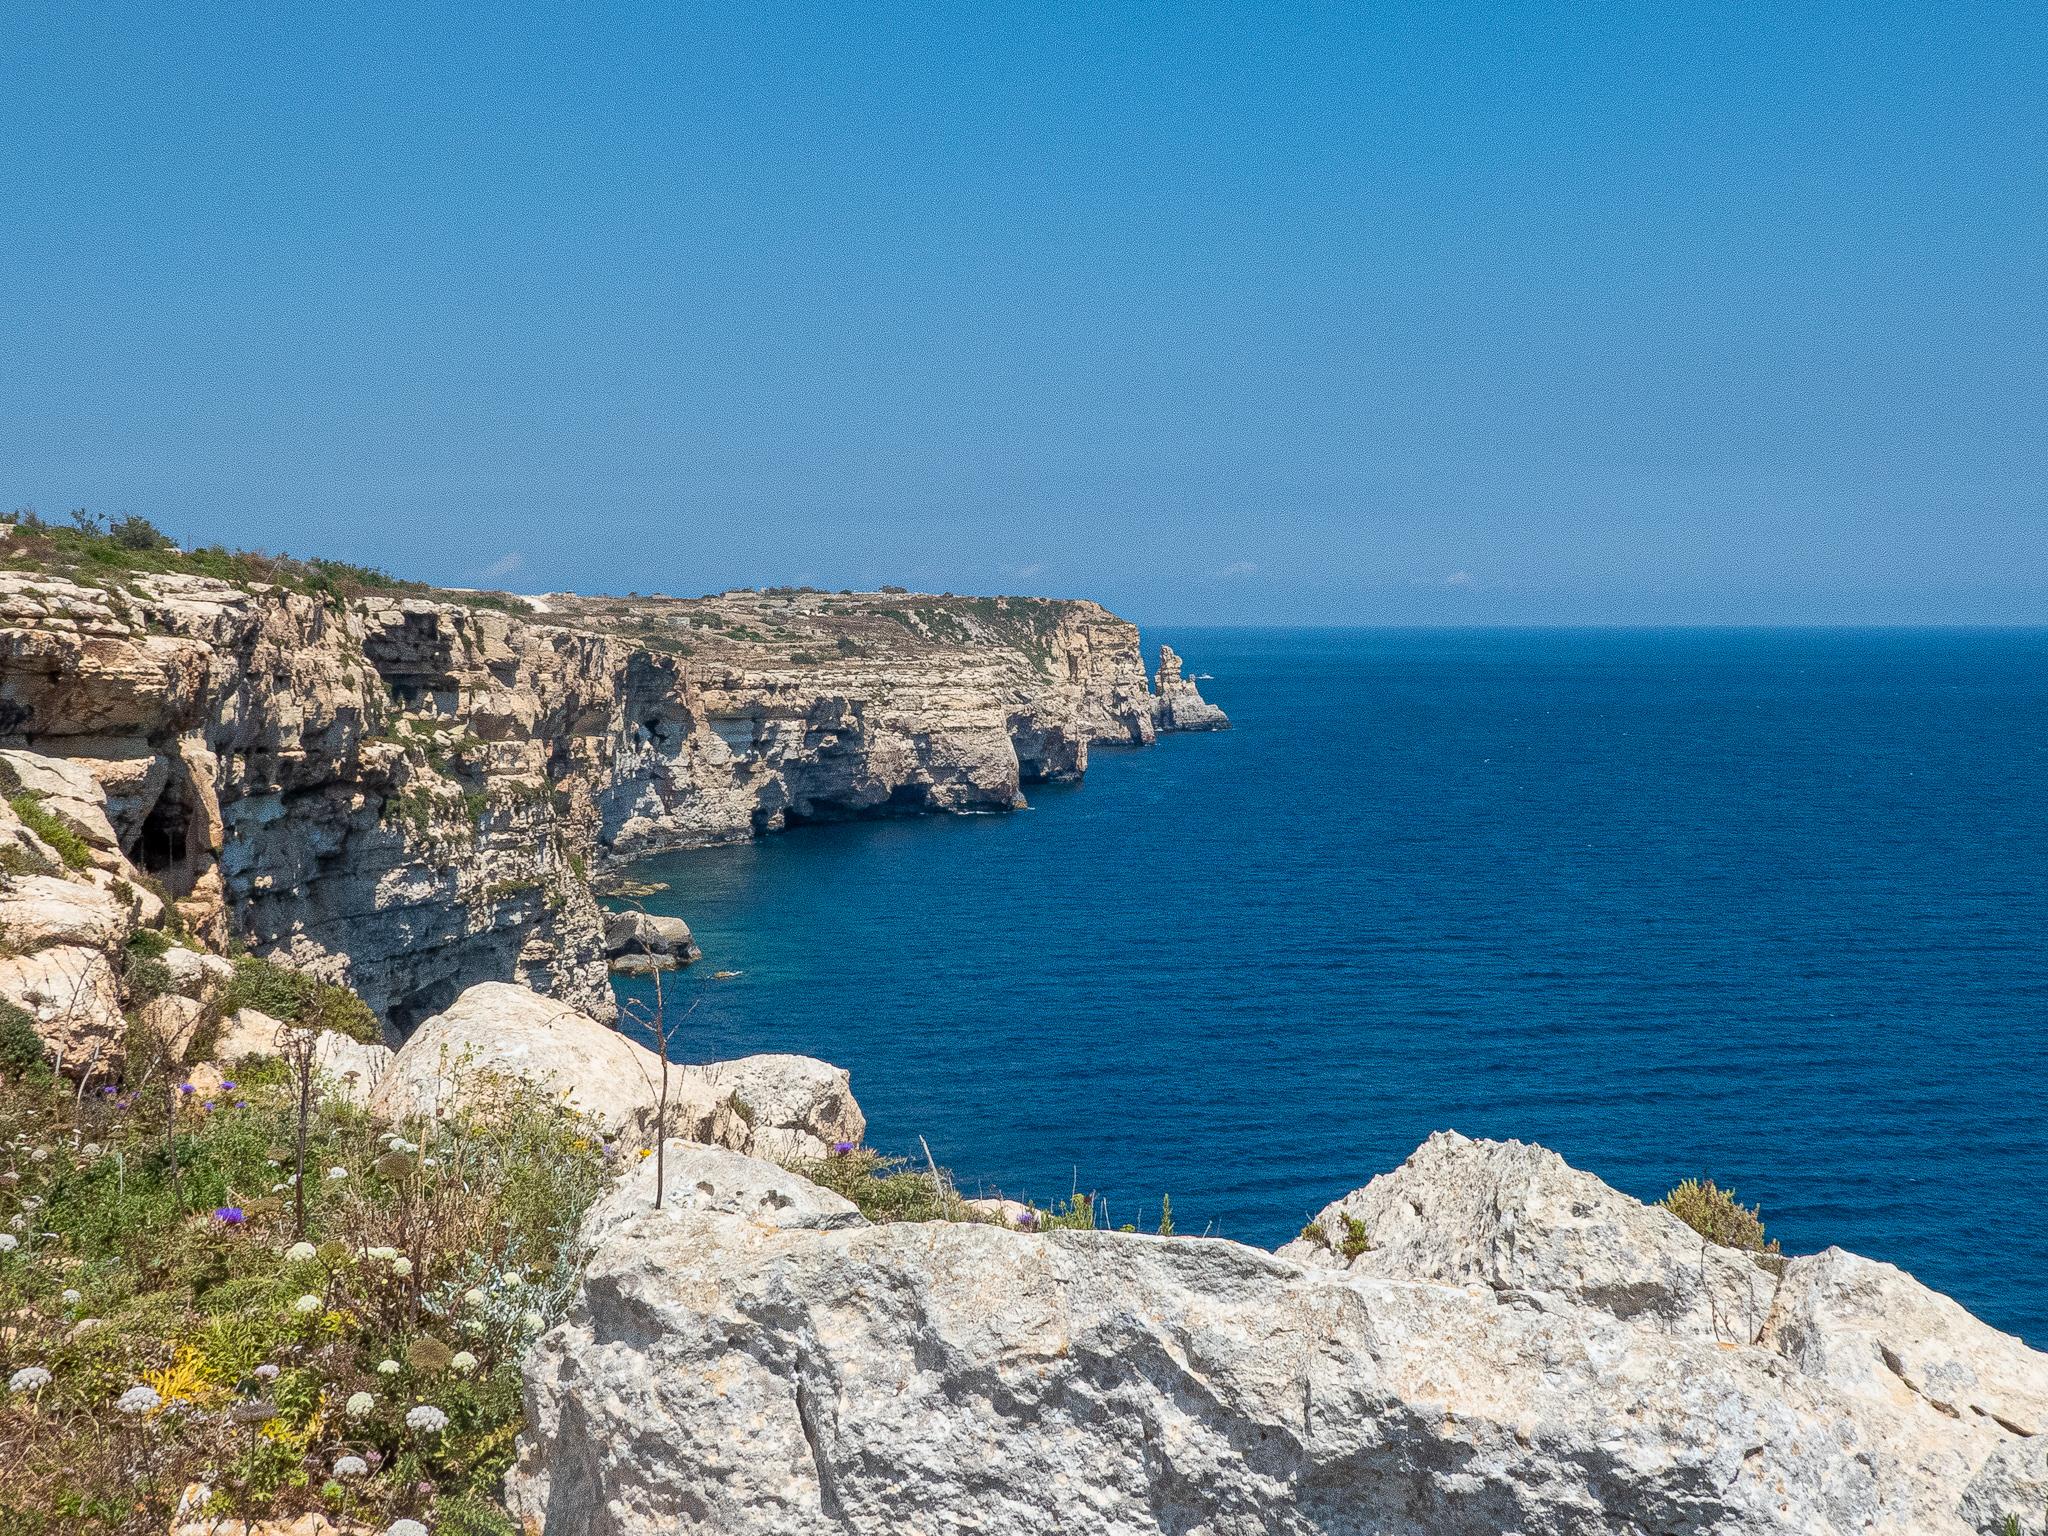 Views near Ghar Hasan Cave